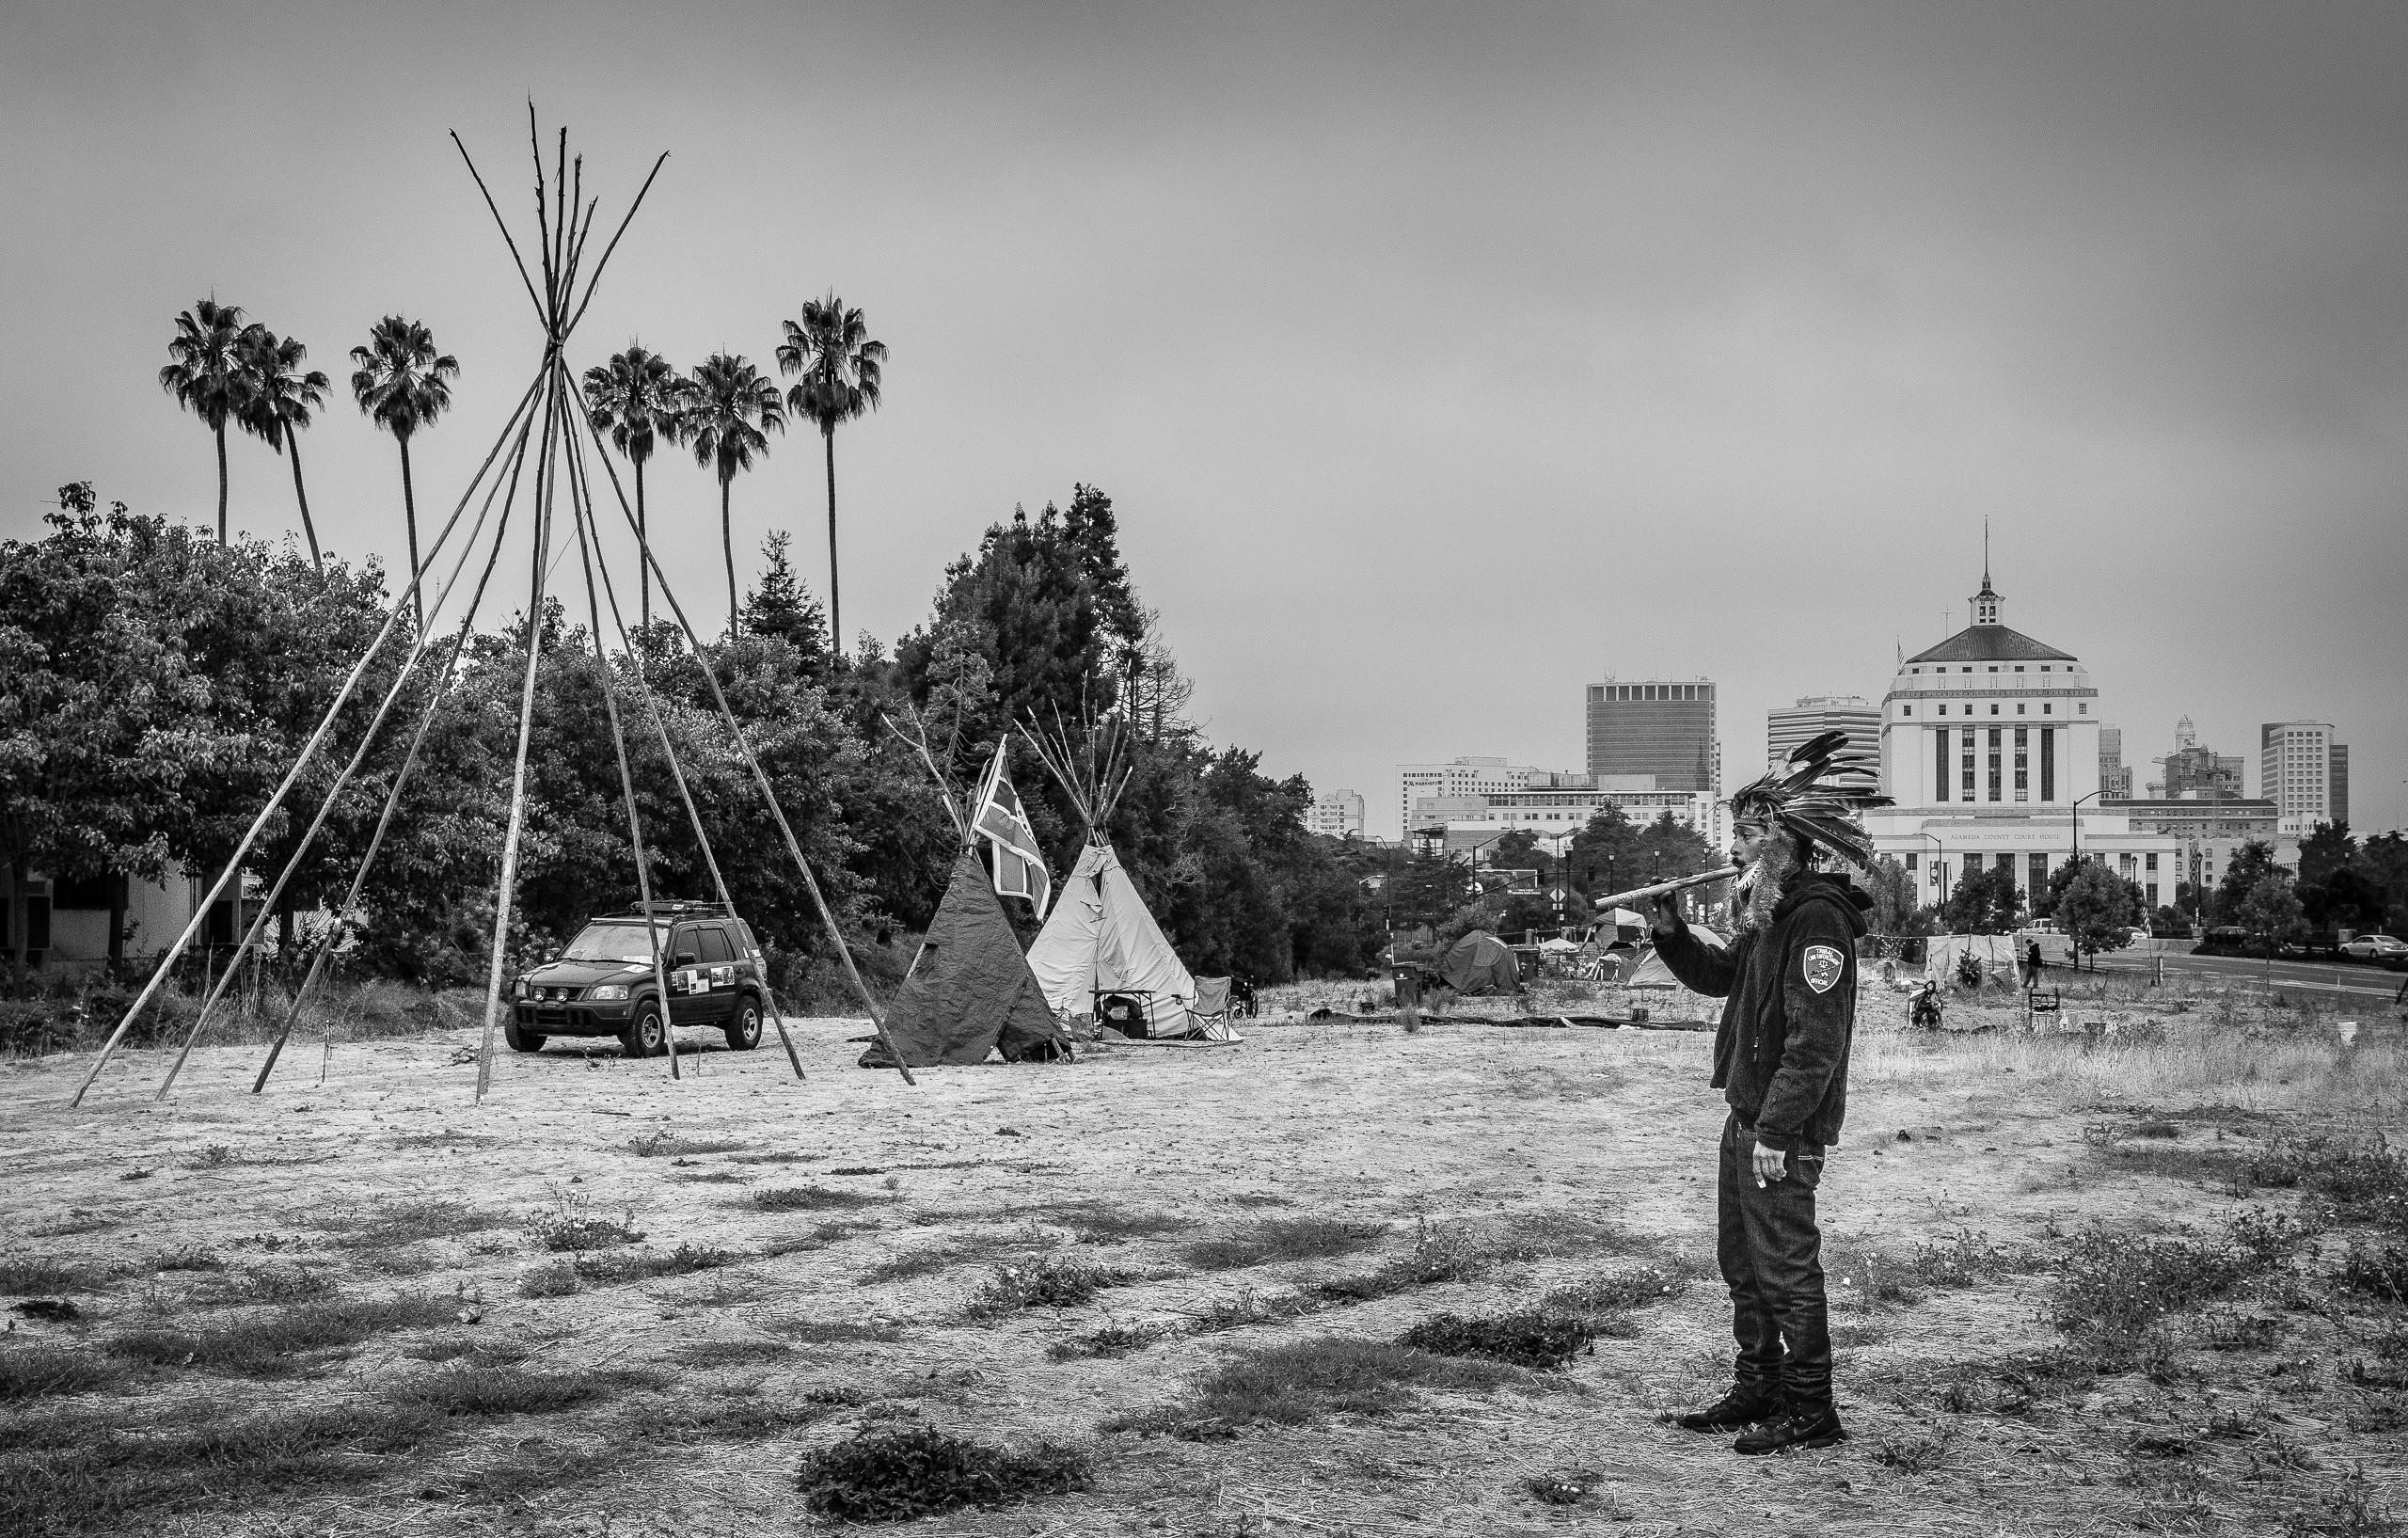 Tribal Lands